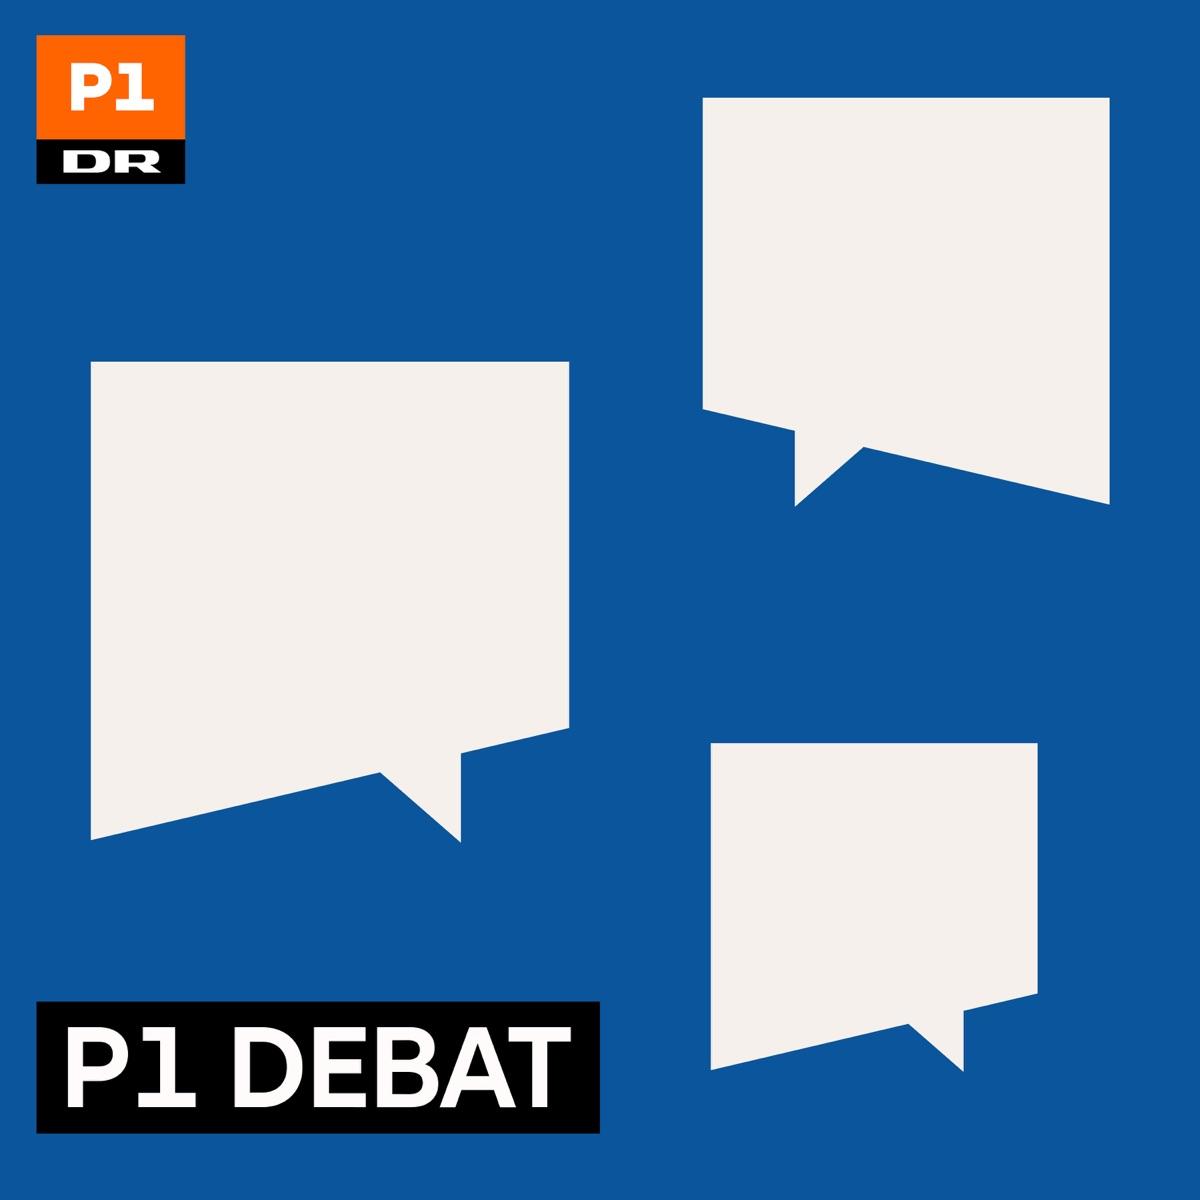 P1 Debat